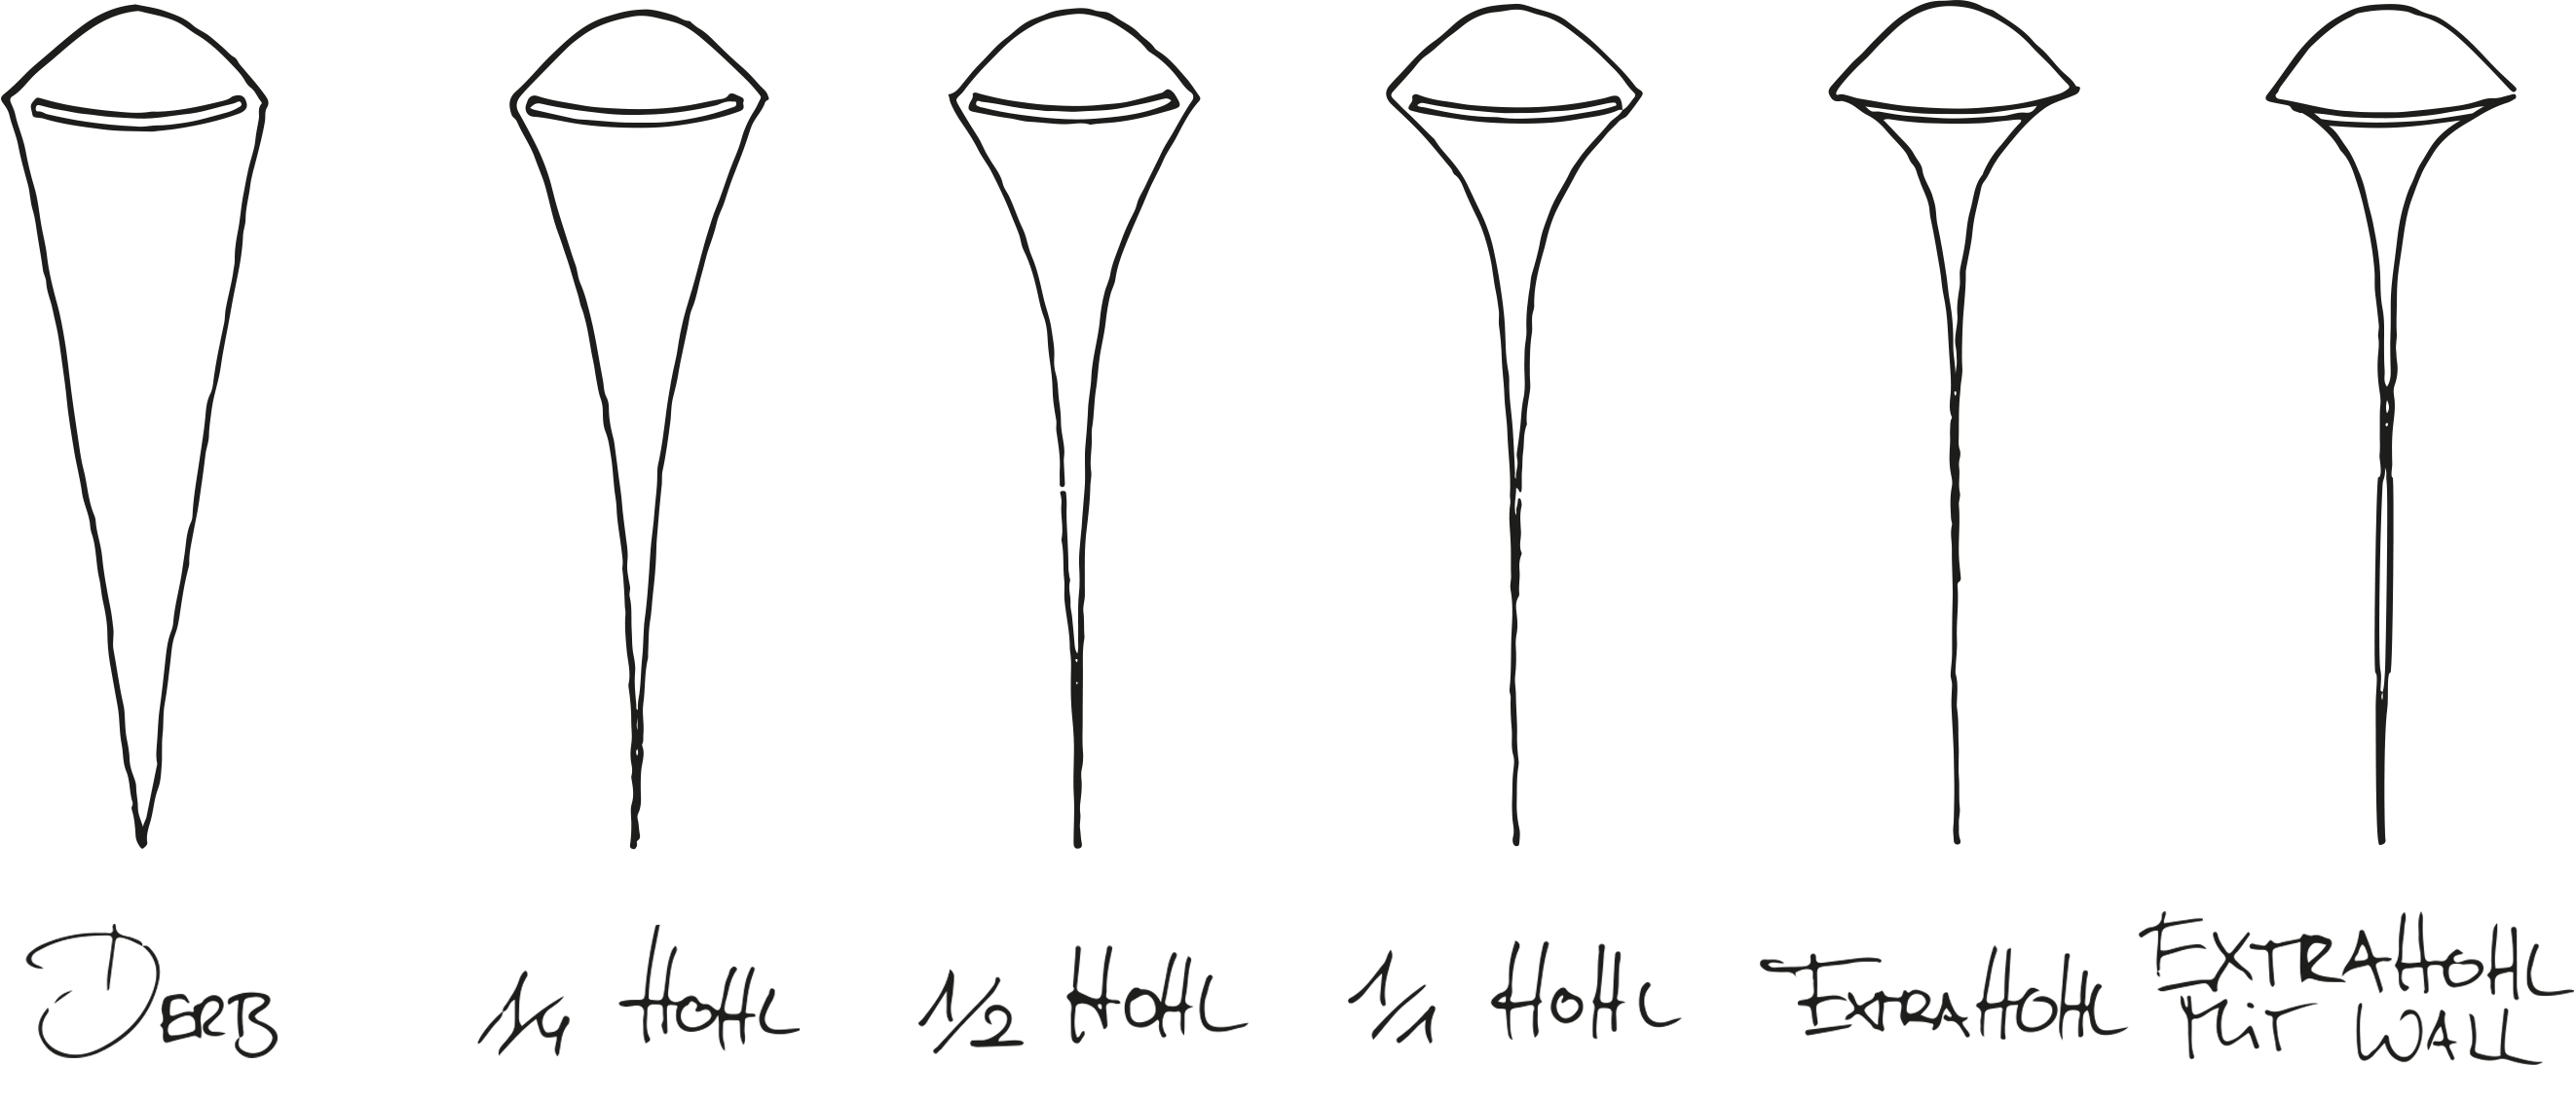 Von derb über halbhohl bis extrahohl und dann noch mit Wall. Bei Rasiermessern gibt es verschiedene Arten des Schliffs bei der Klinge, was über das Verhalten bei der Rasur mit dem Messer entscheidet.